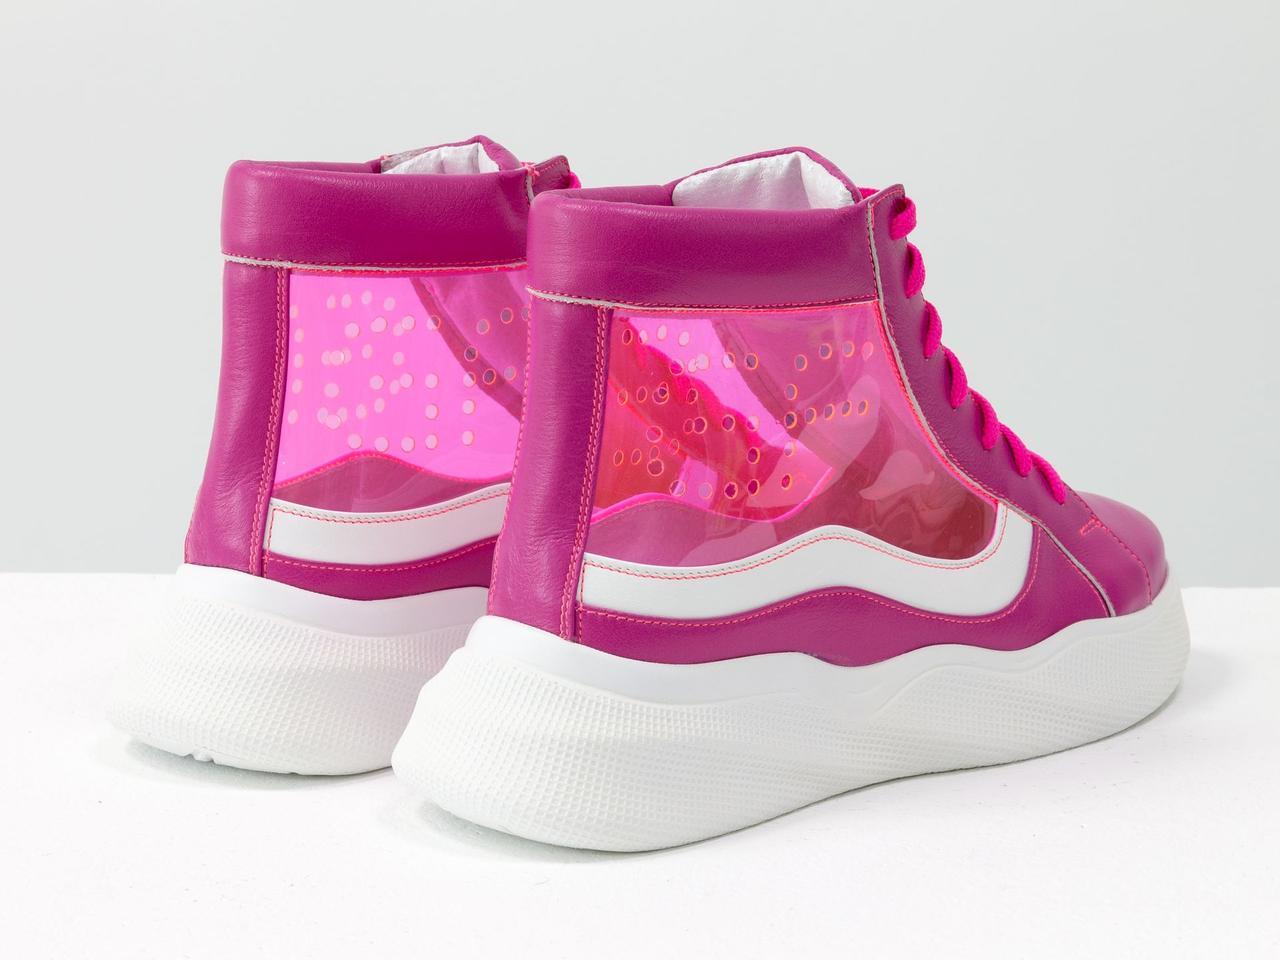 Дизайнерские прозрачные ботинки из натуральной кожи малинового и белого цвета со вставками из мягкого силикона - фото 5